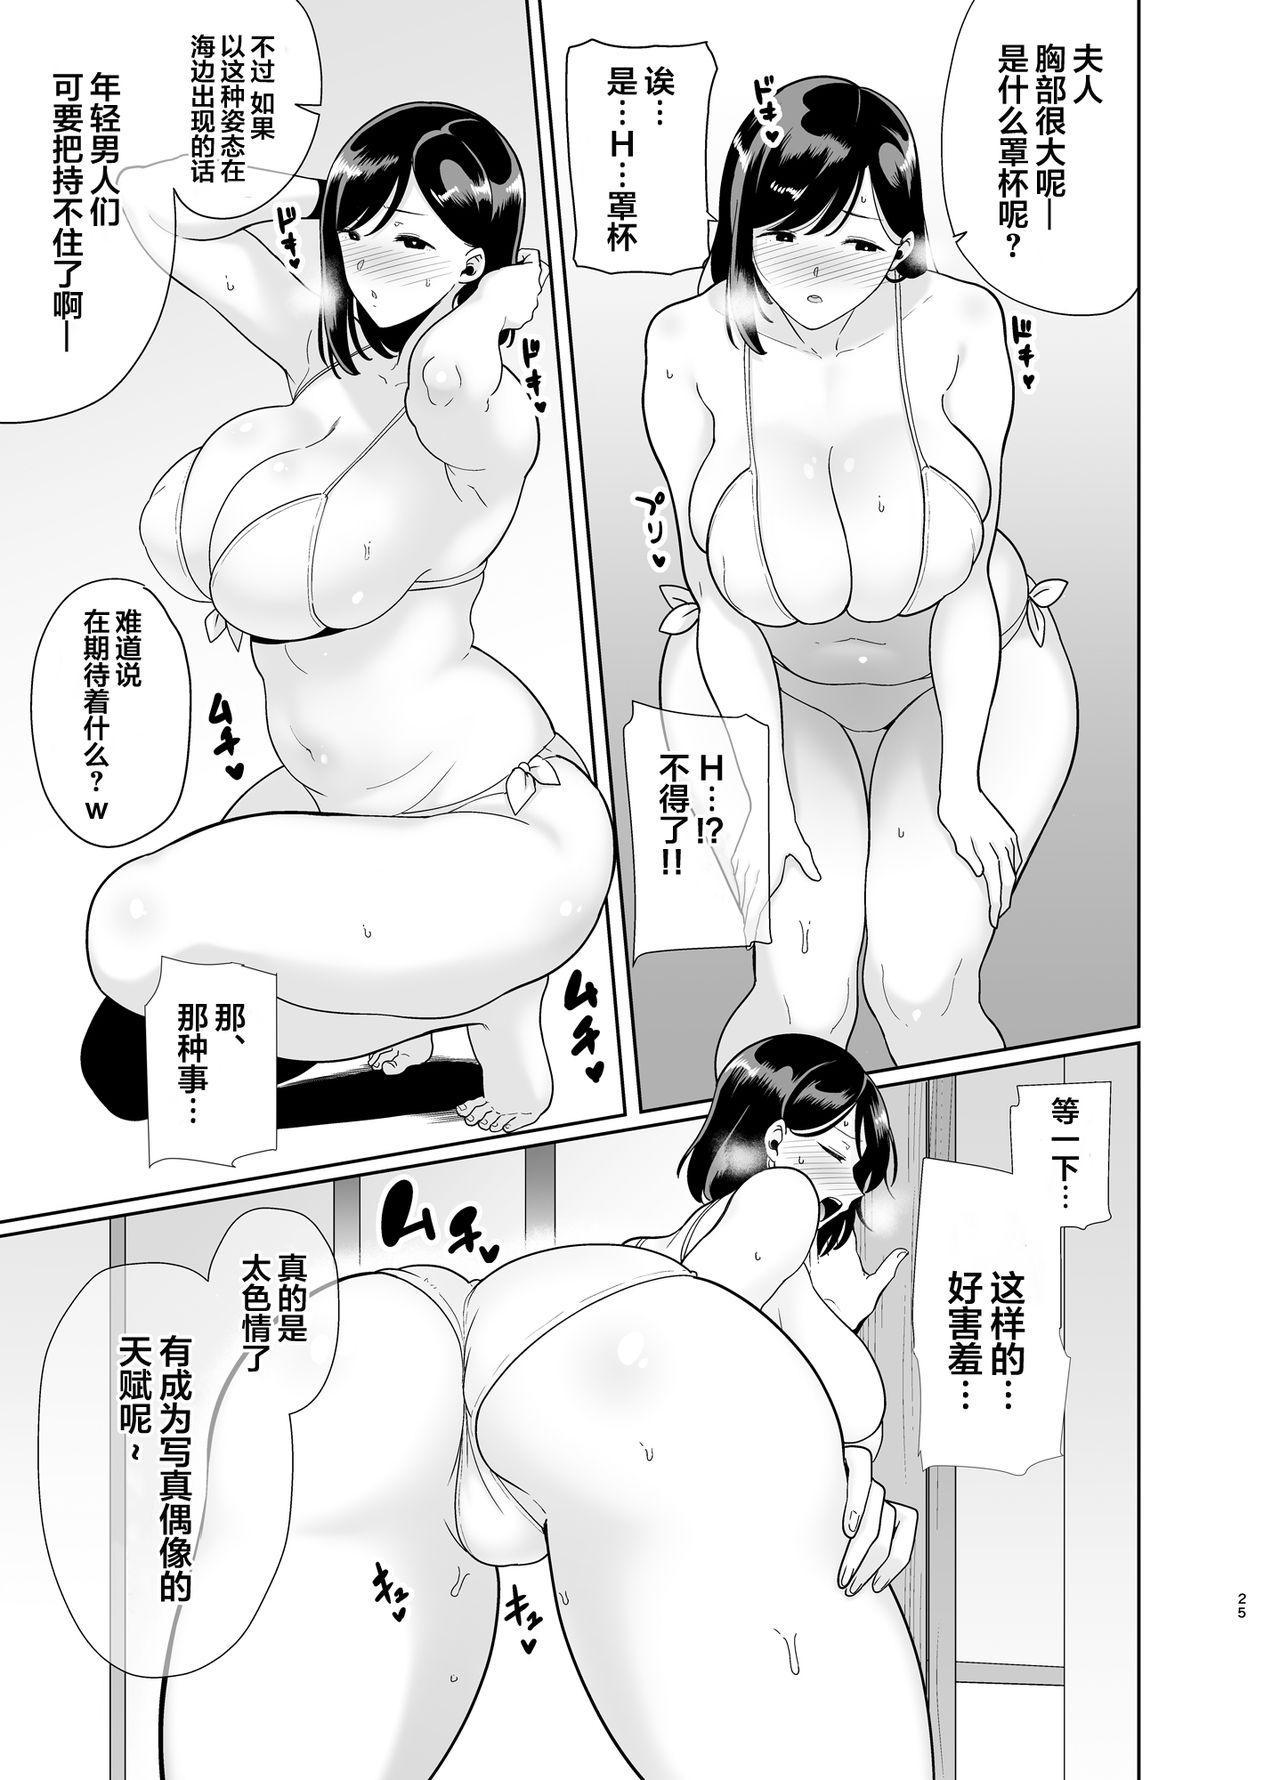 [DOLL PLAY (Kurosu Gatari)] Natsuzuma ~Natsu, Ryokan, Nanpa Otoko-tachi ni Ochita Tsuma~ Megane Nashi [Chinese] [翻车汉化组] 23